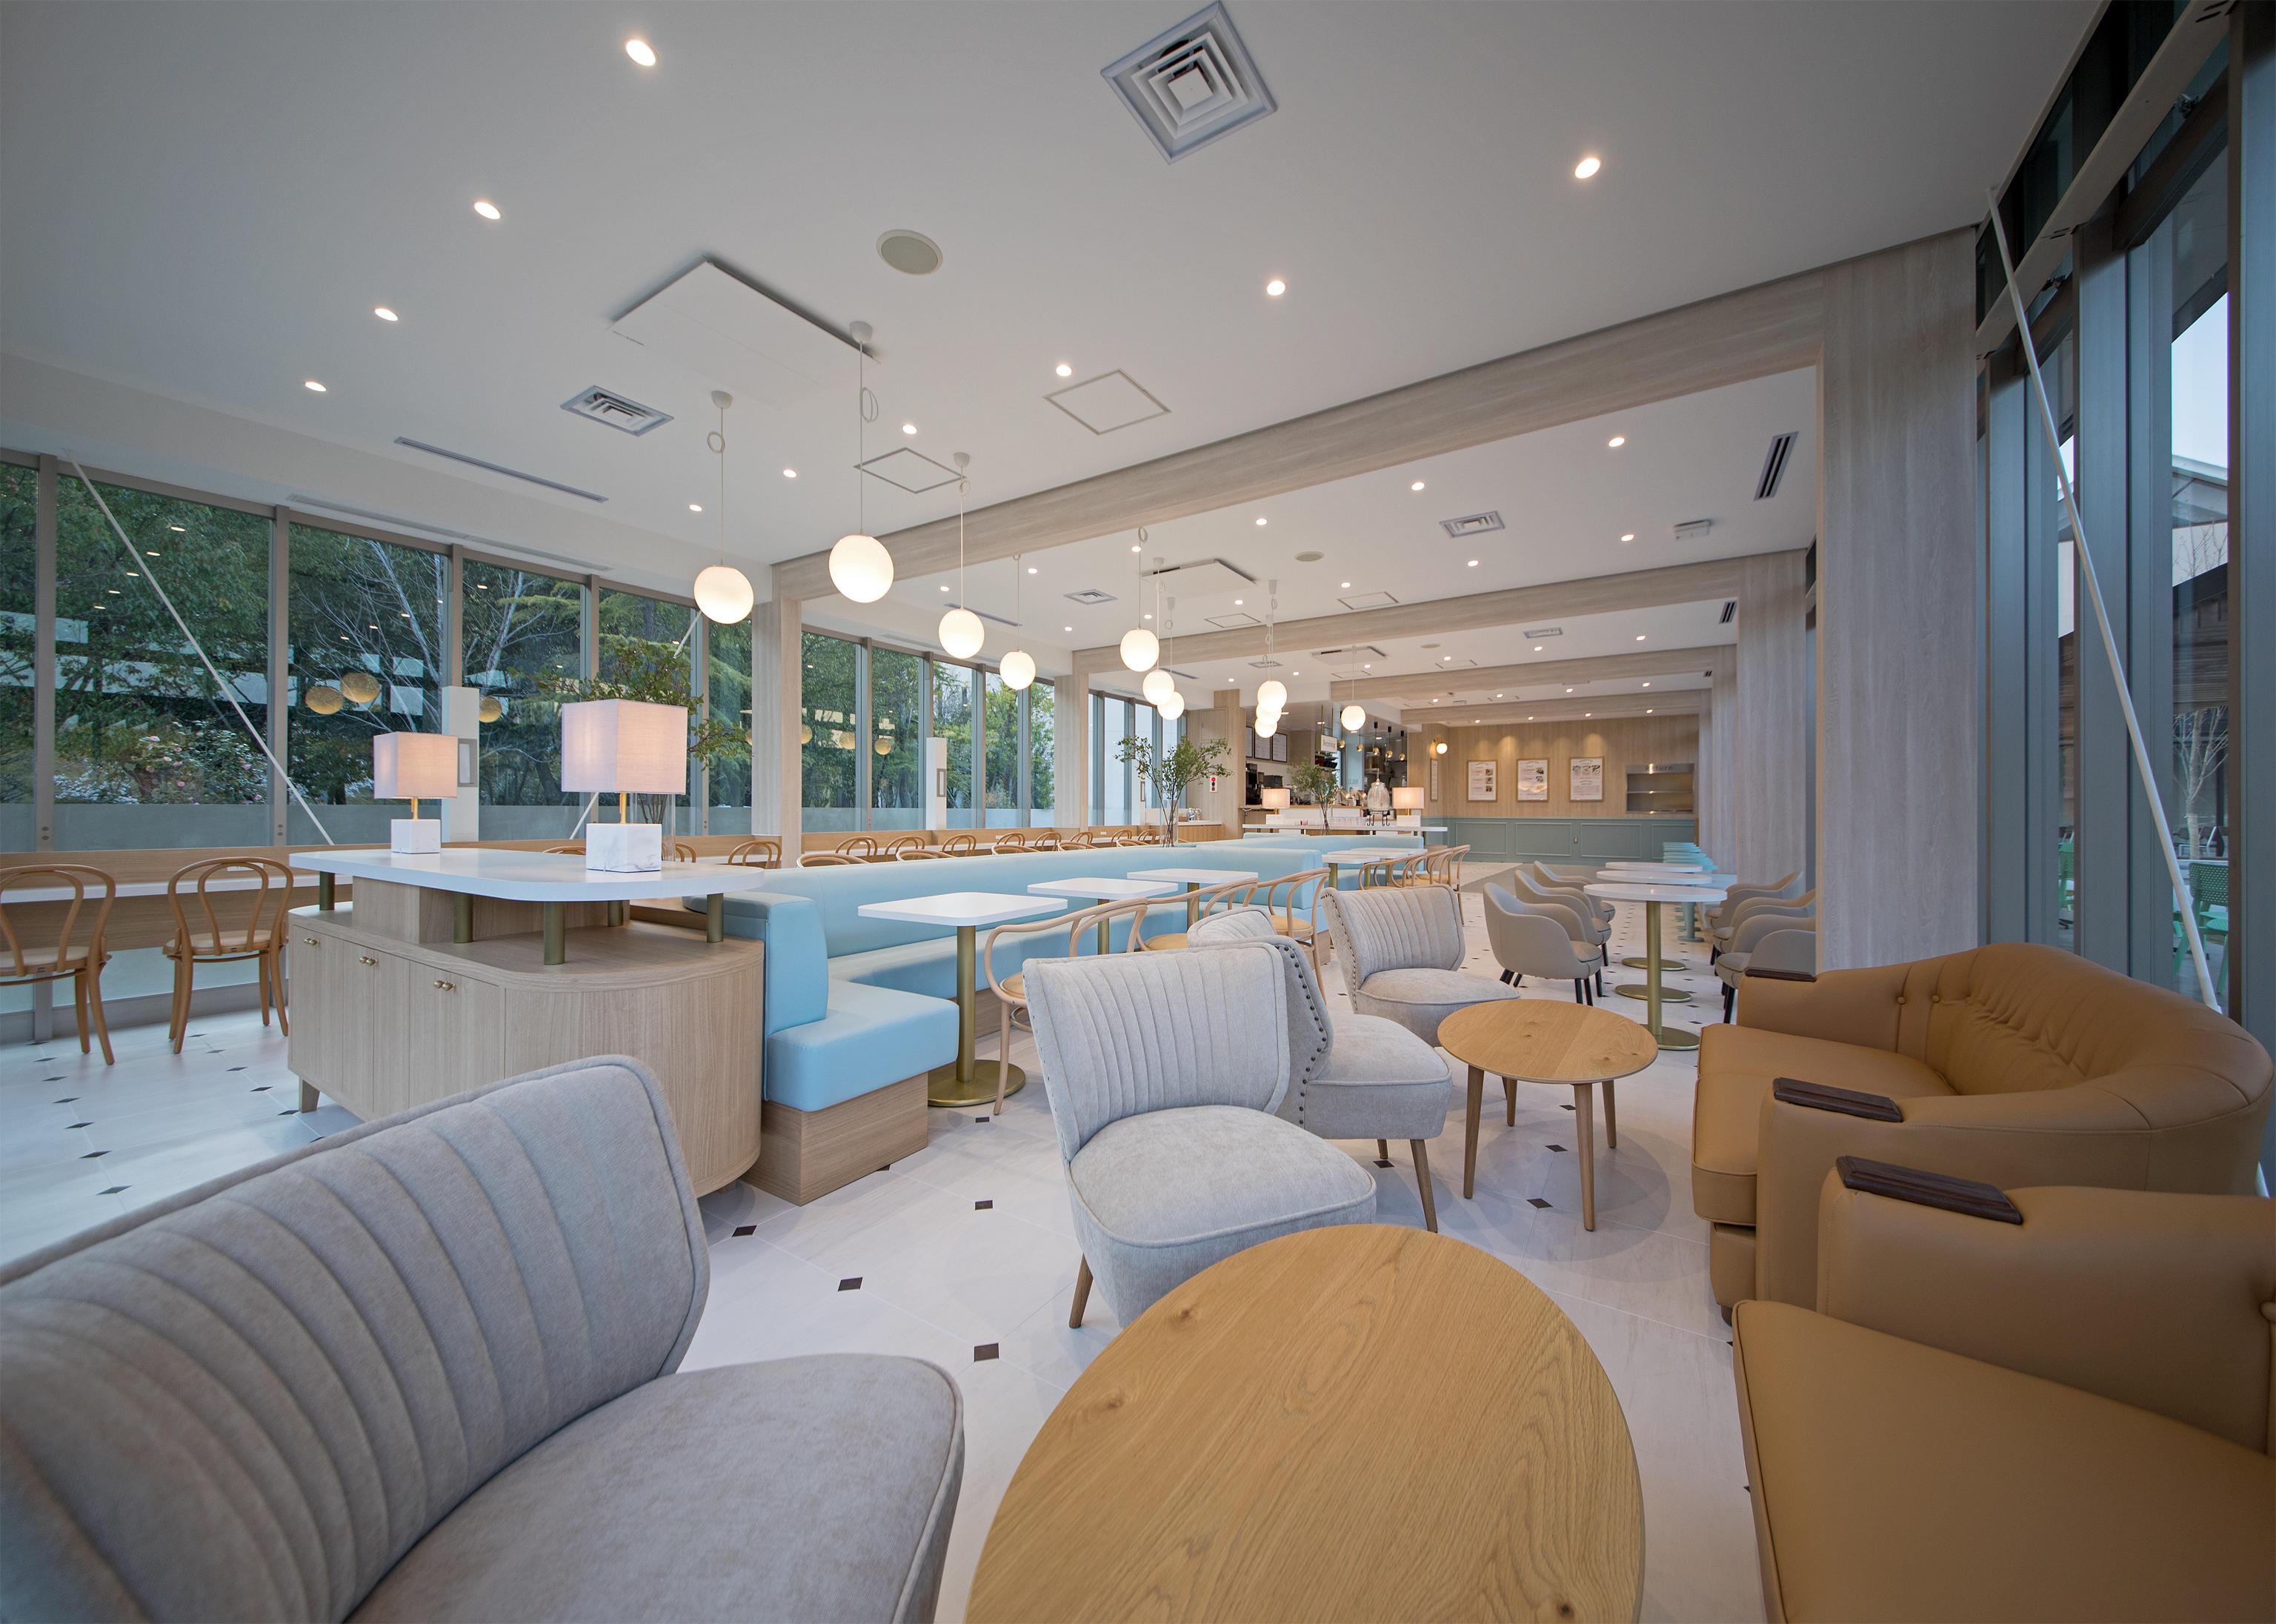 9/14(月)2つの新施設が同時オープン! 地域密着&SDGsの取り組み&キャッシュレス対応「杜cafe+ku(もりかふぇ くー)」 クリエイティブな発想を創出する空間「TERACO LAB.(てらこ らぼ)」